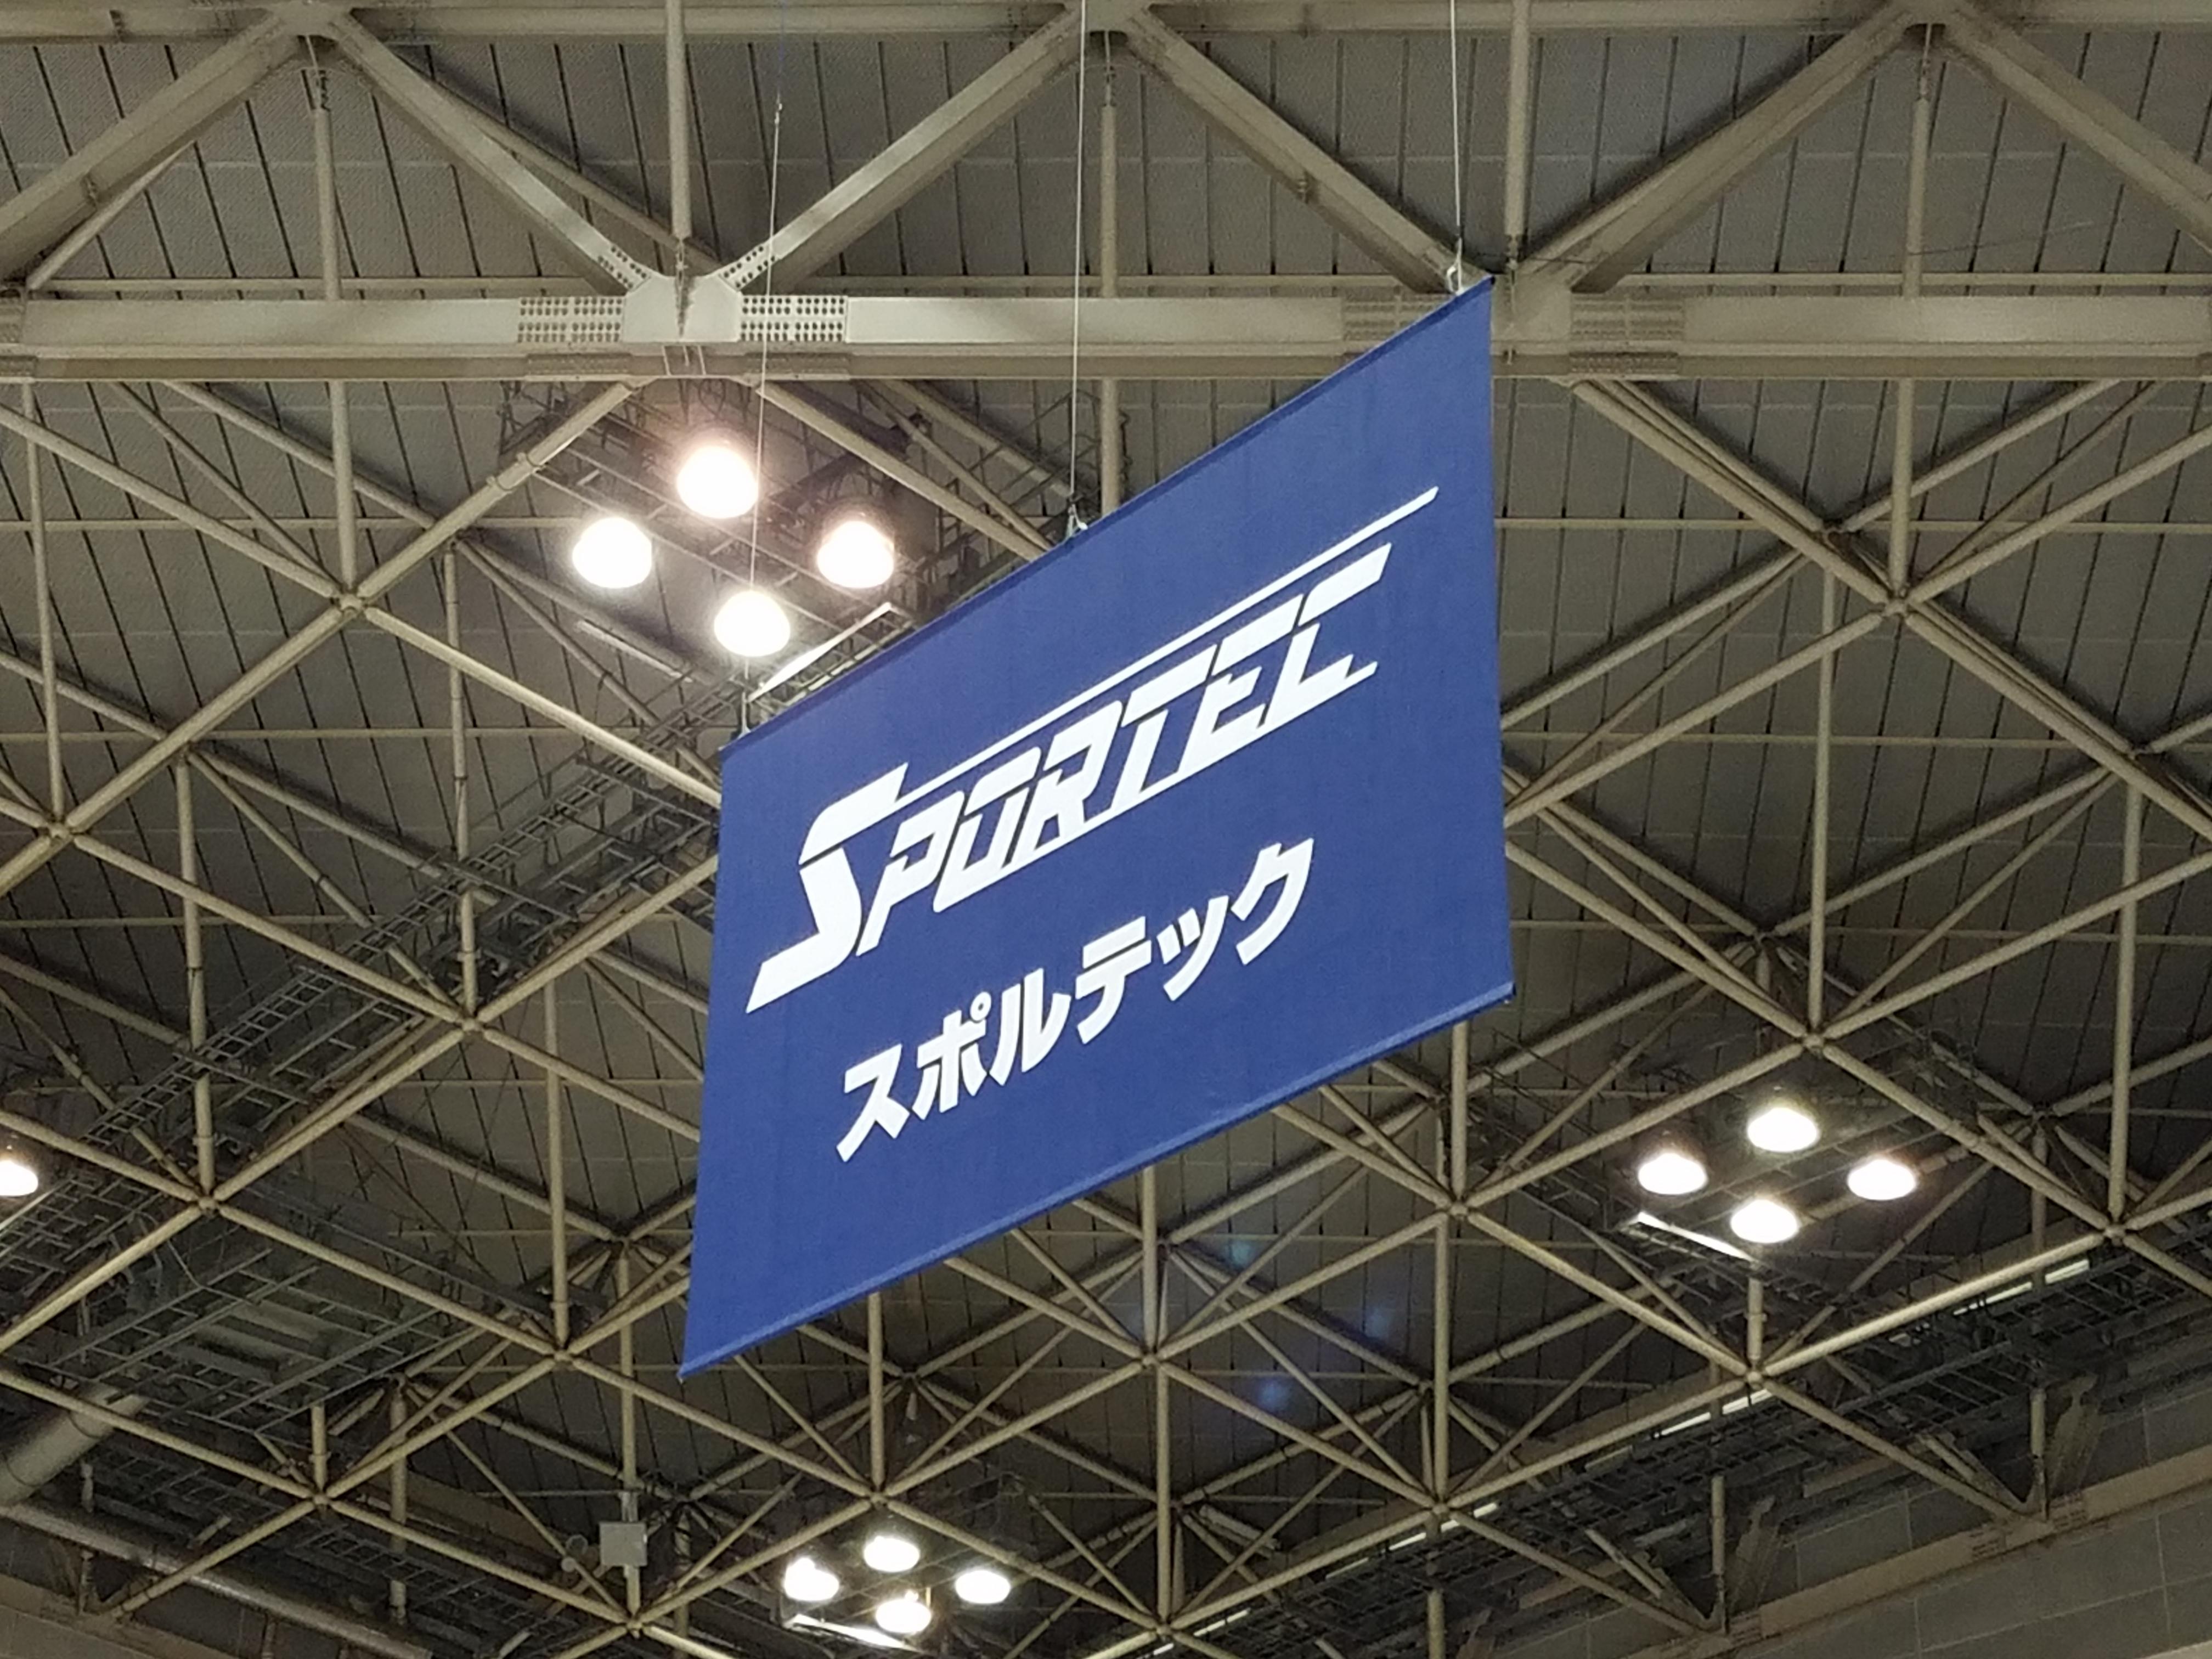 SPOLTECの看板